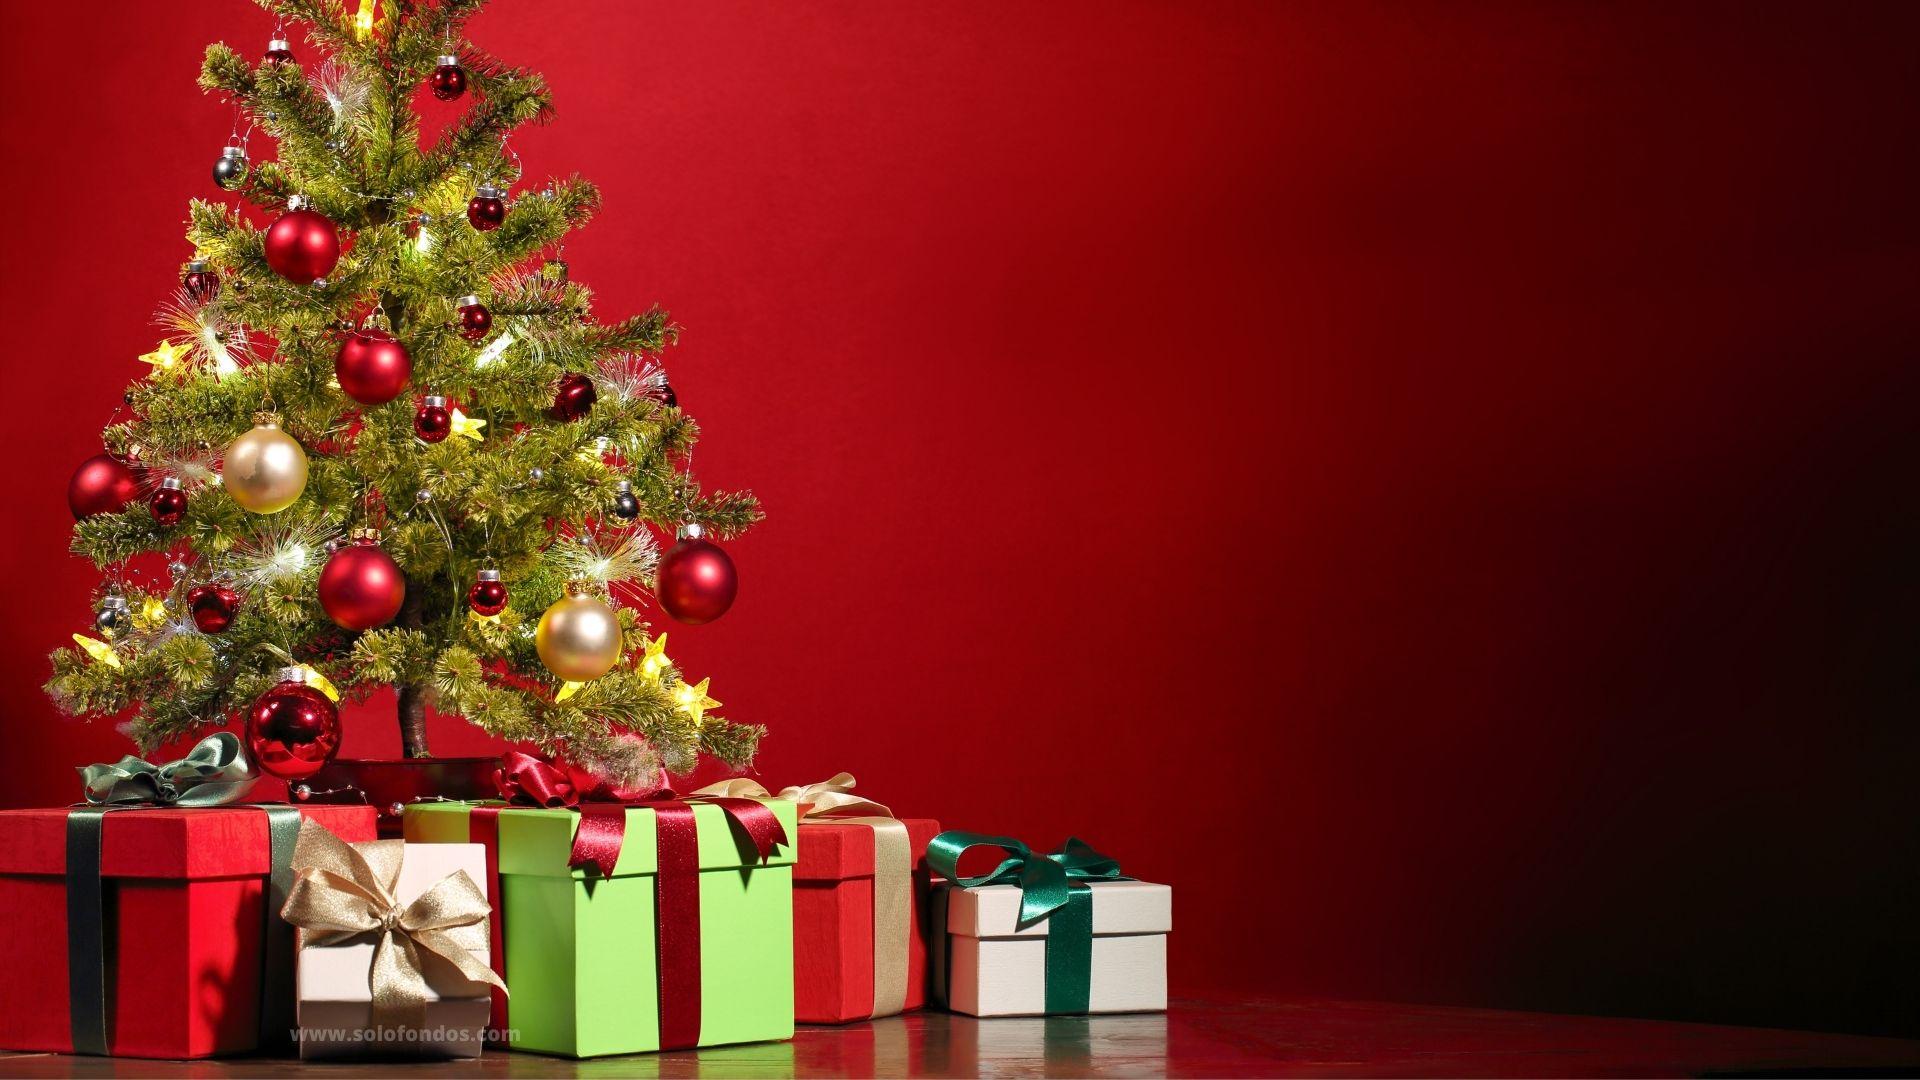 fondos navideños animados para videos